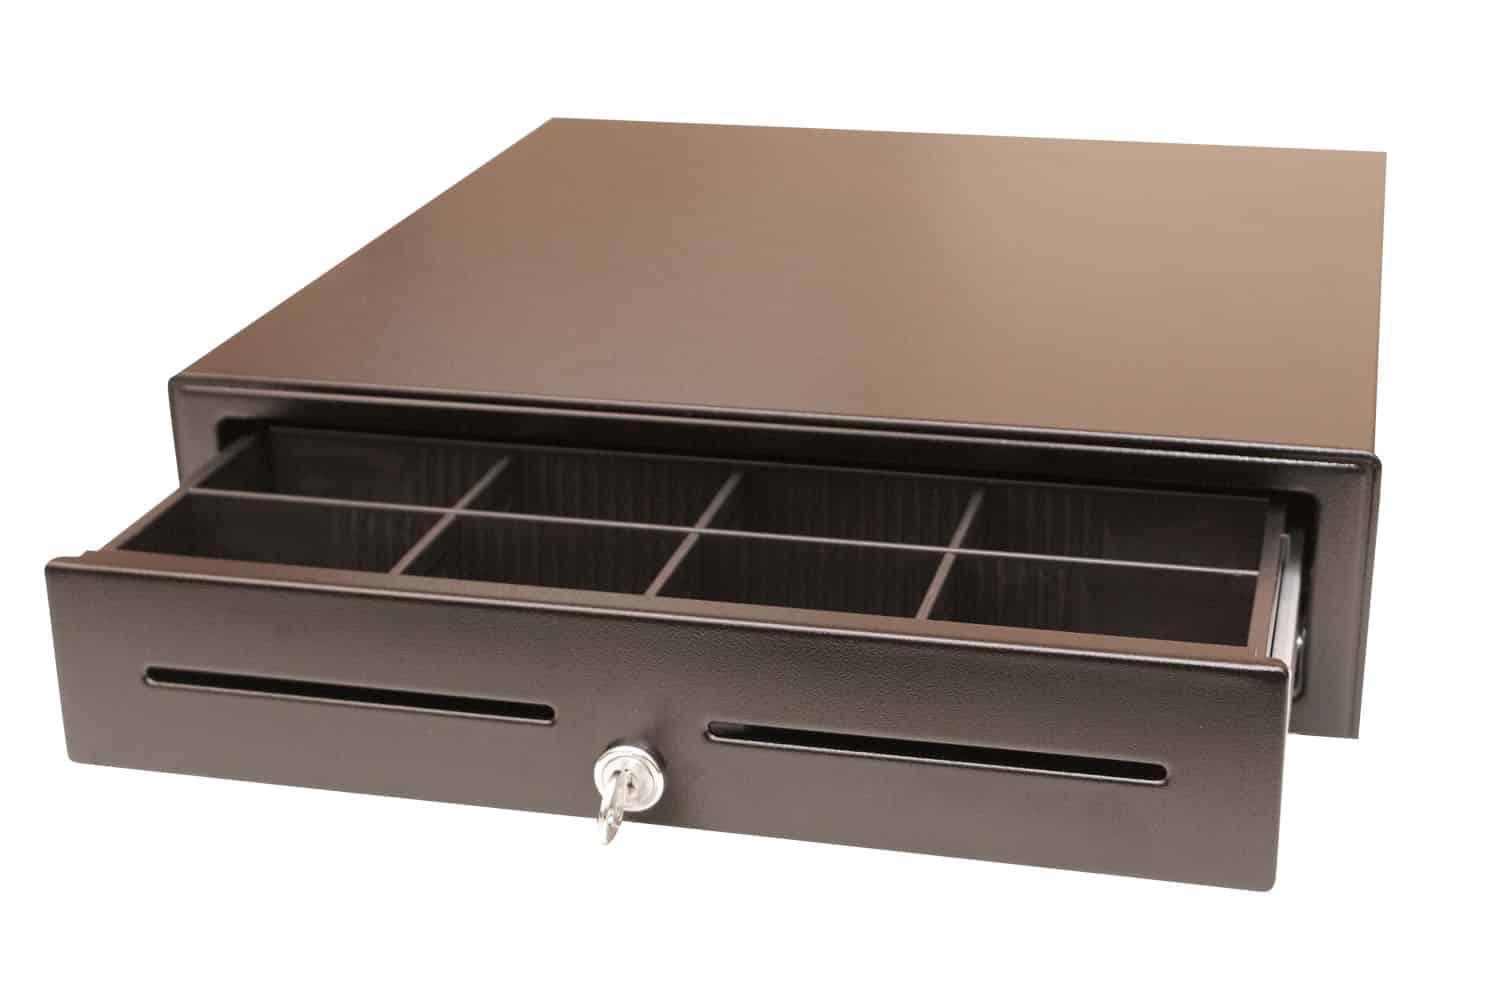 matériel de caisse: tiroir-caisse